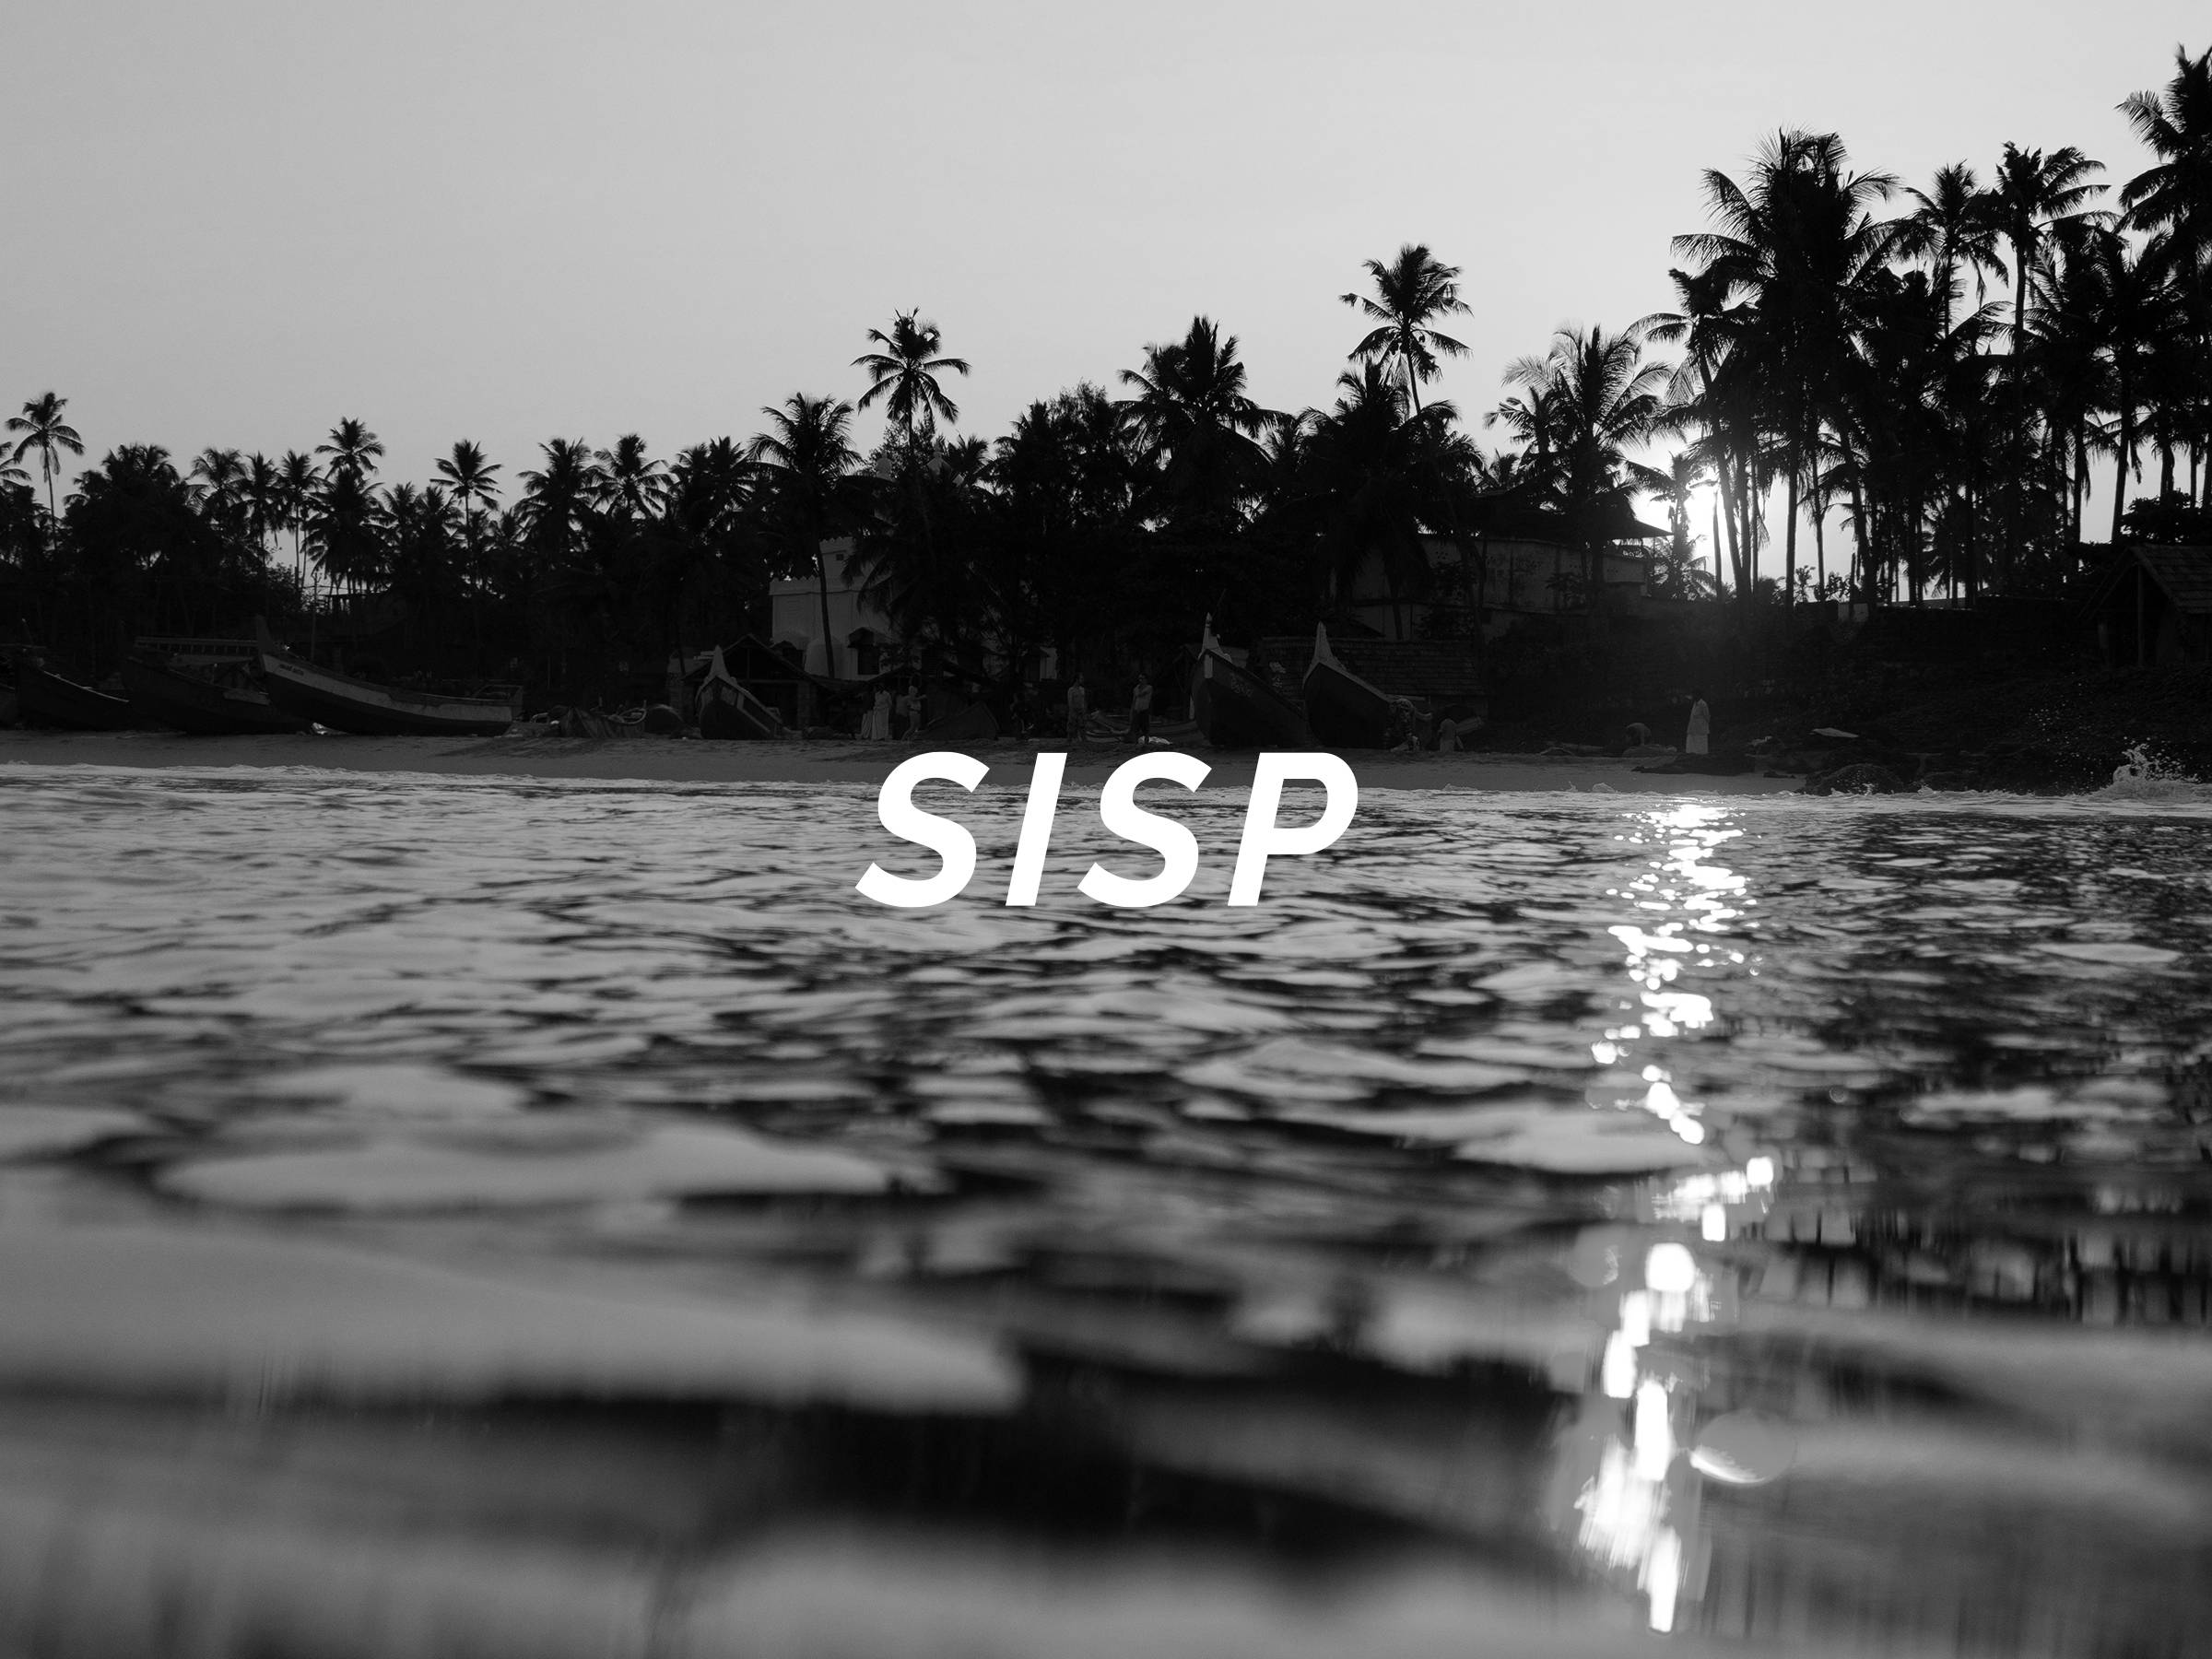 https://www.soulandsurf.com/wp-content/uploads/2021/10/We-Support-SISP.jpg Image